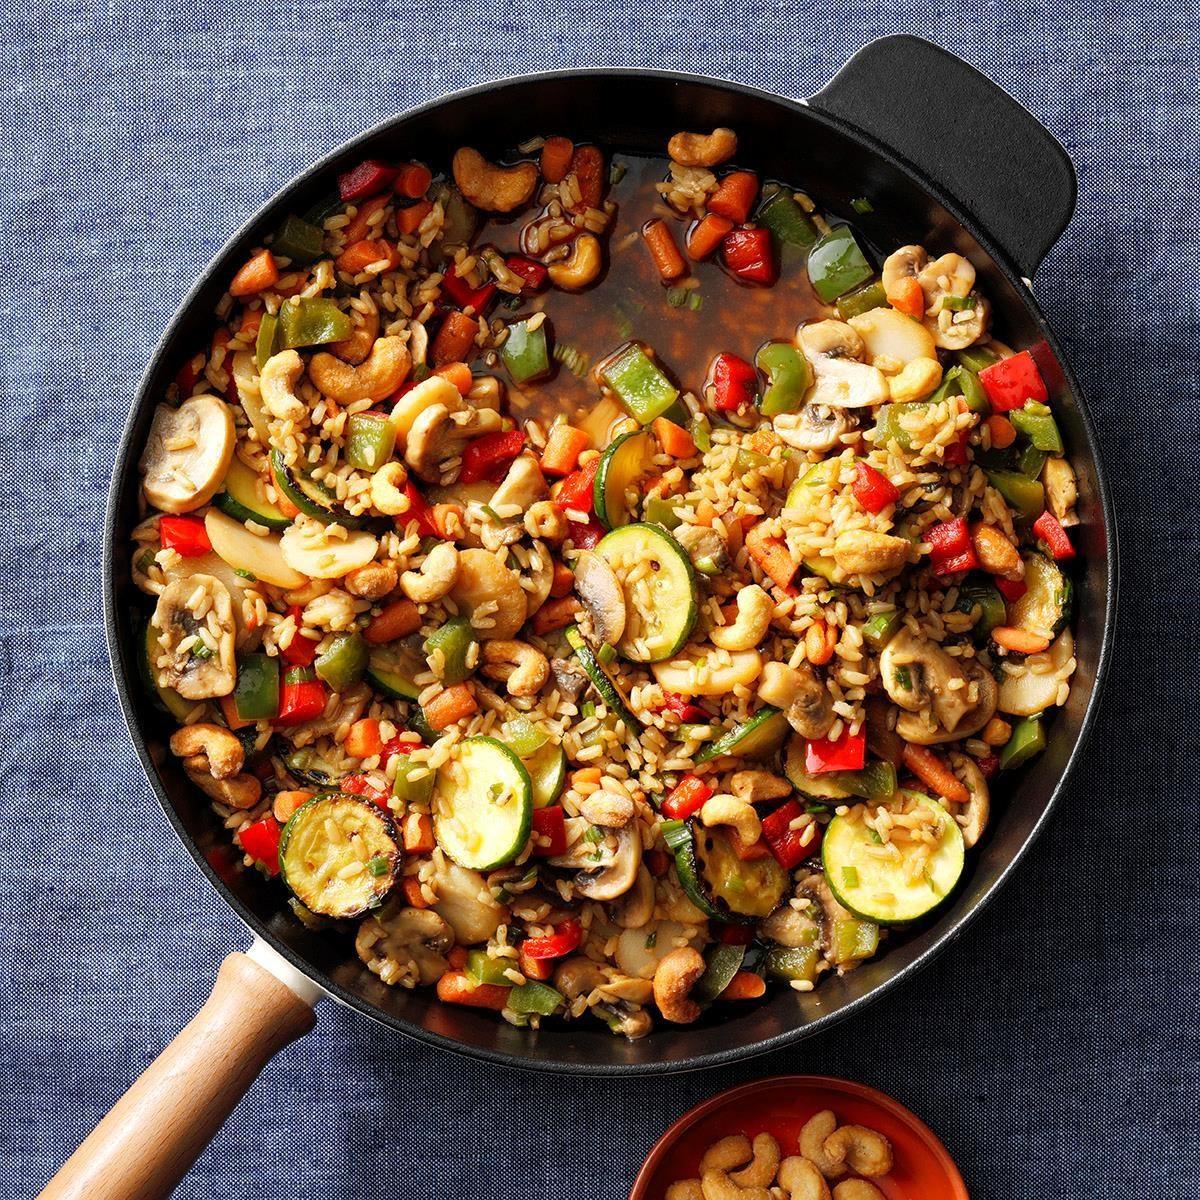 Veggie-Cashew Stir-Fry Recipe